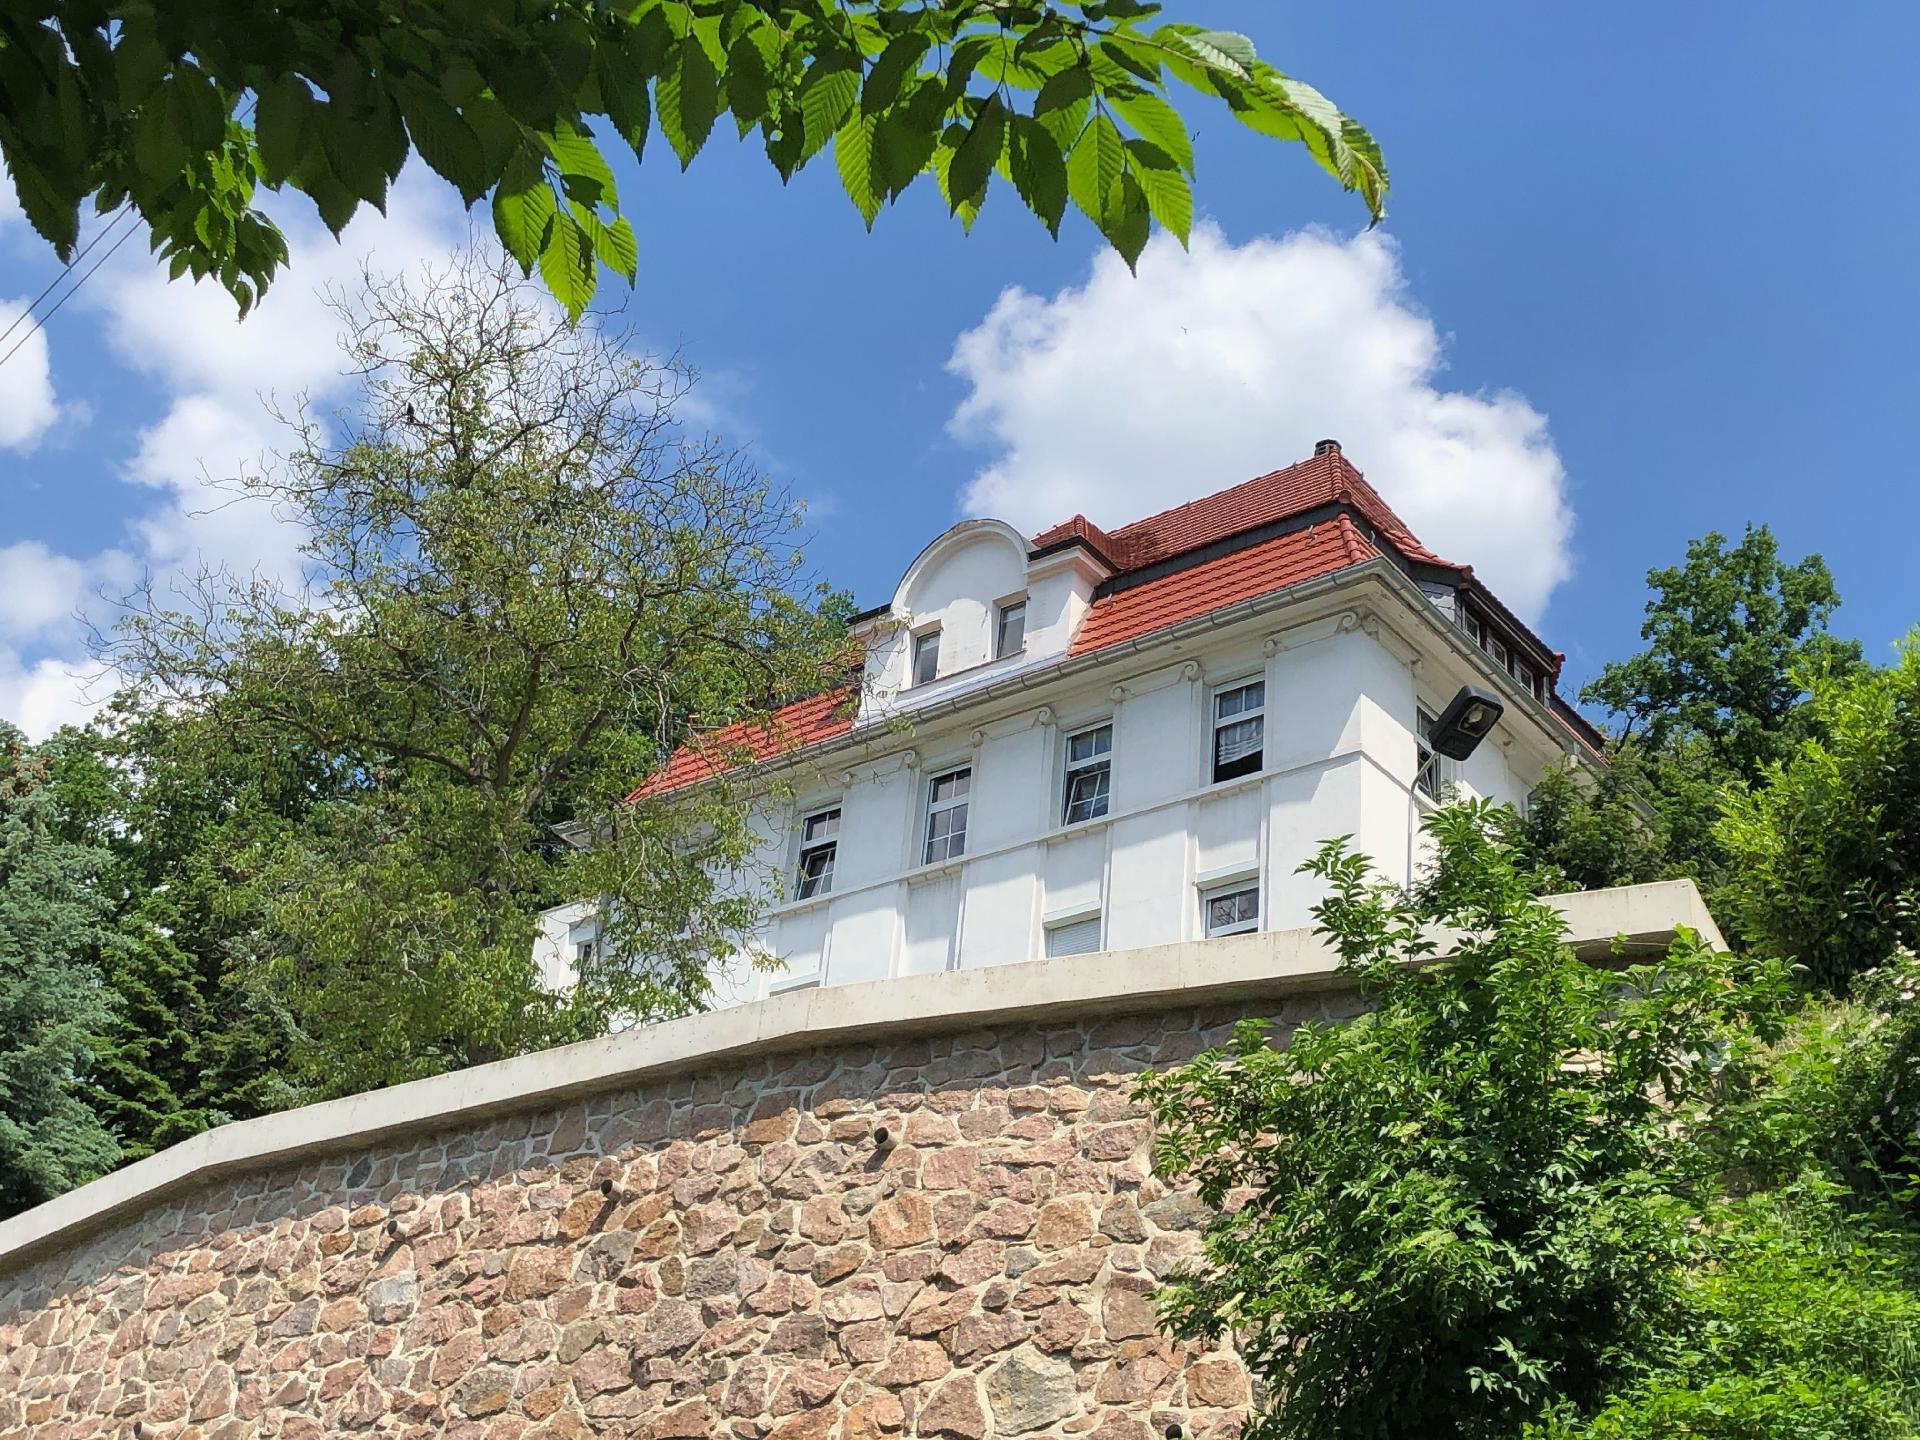 Wohnung/ Ferienwohnung/ Unterkunft in Dresden am E  in Sachsen